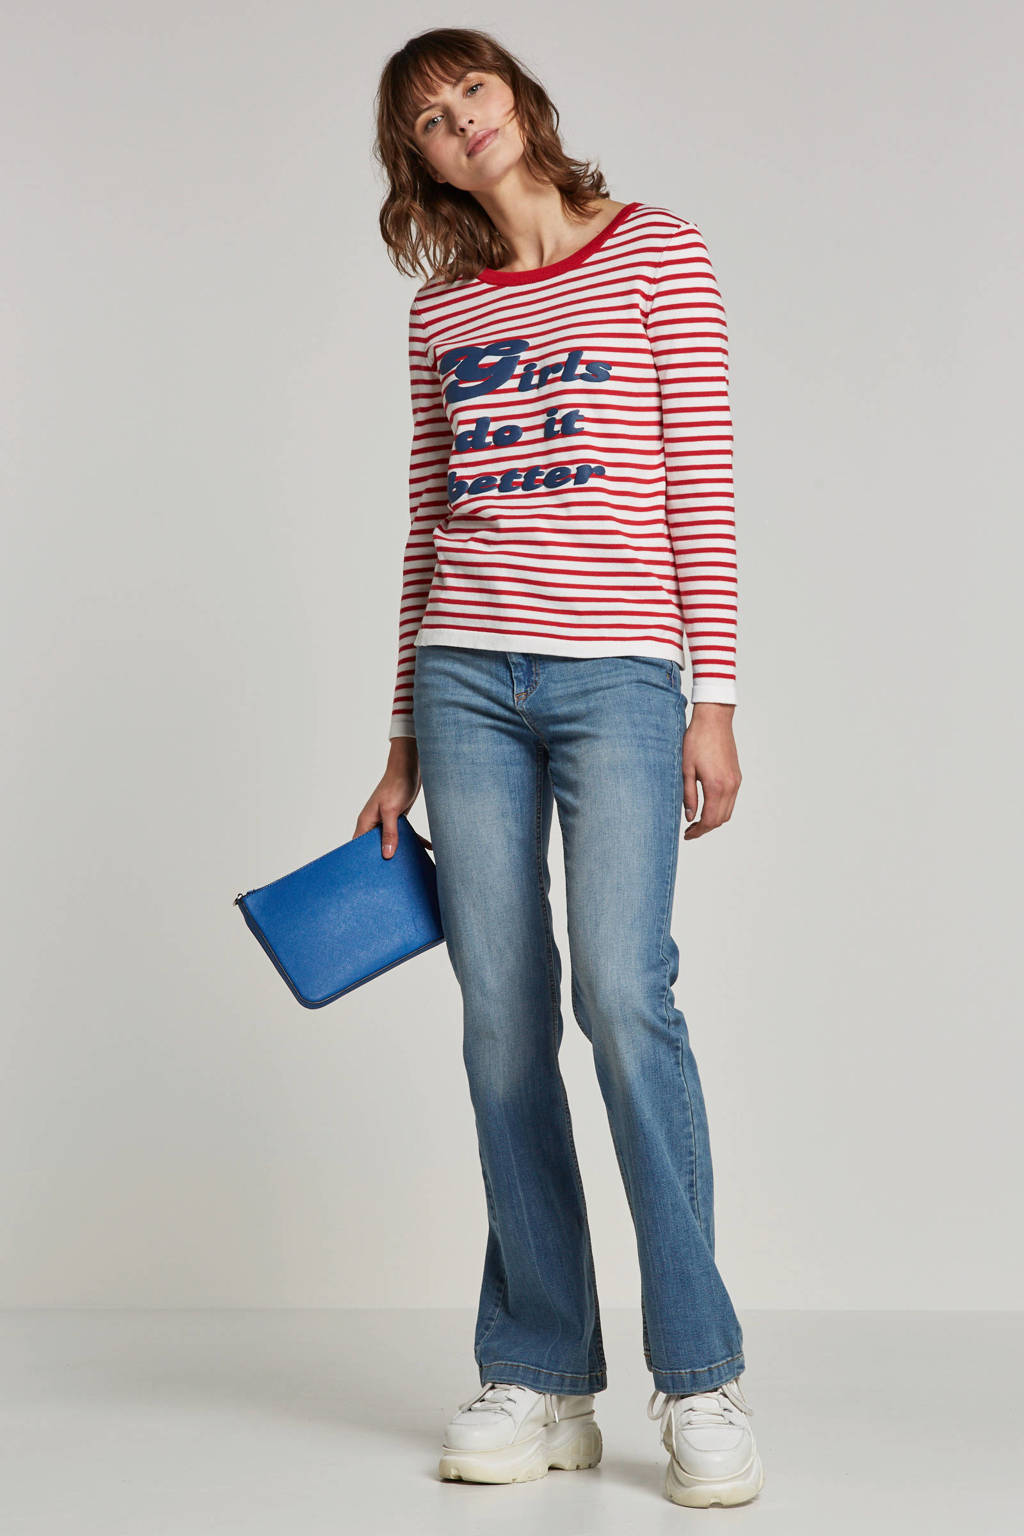 ONLY gestreepte trui met tekst, Rood/wit/blauw